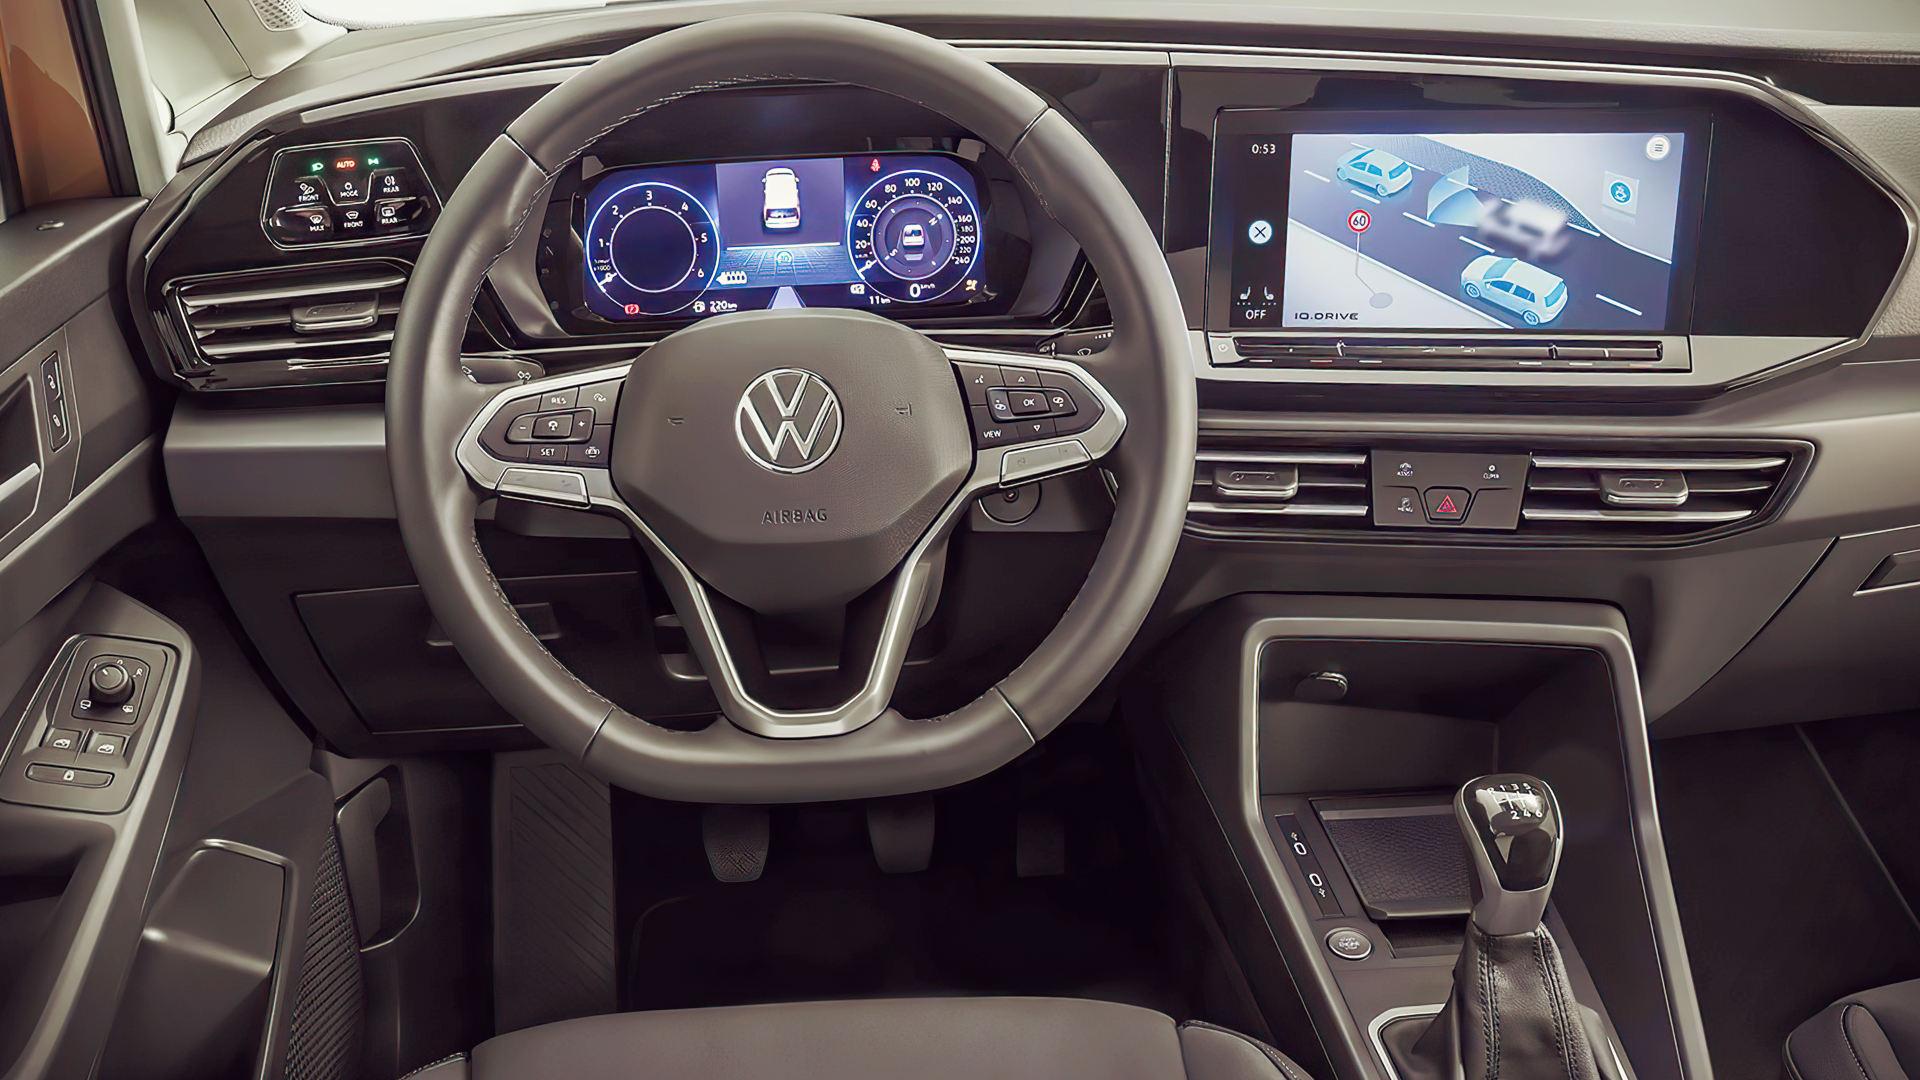 volkswagen caddy 2021 interior wallpaper